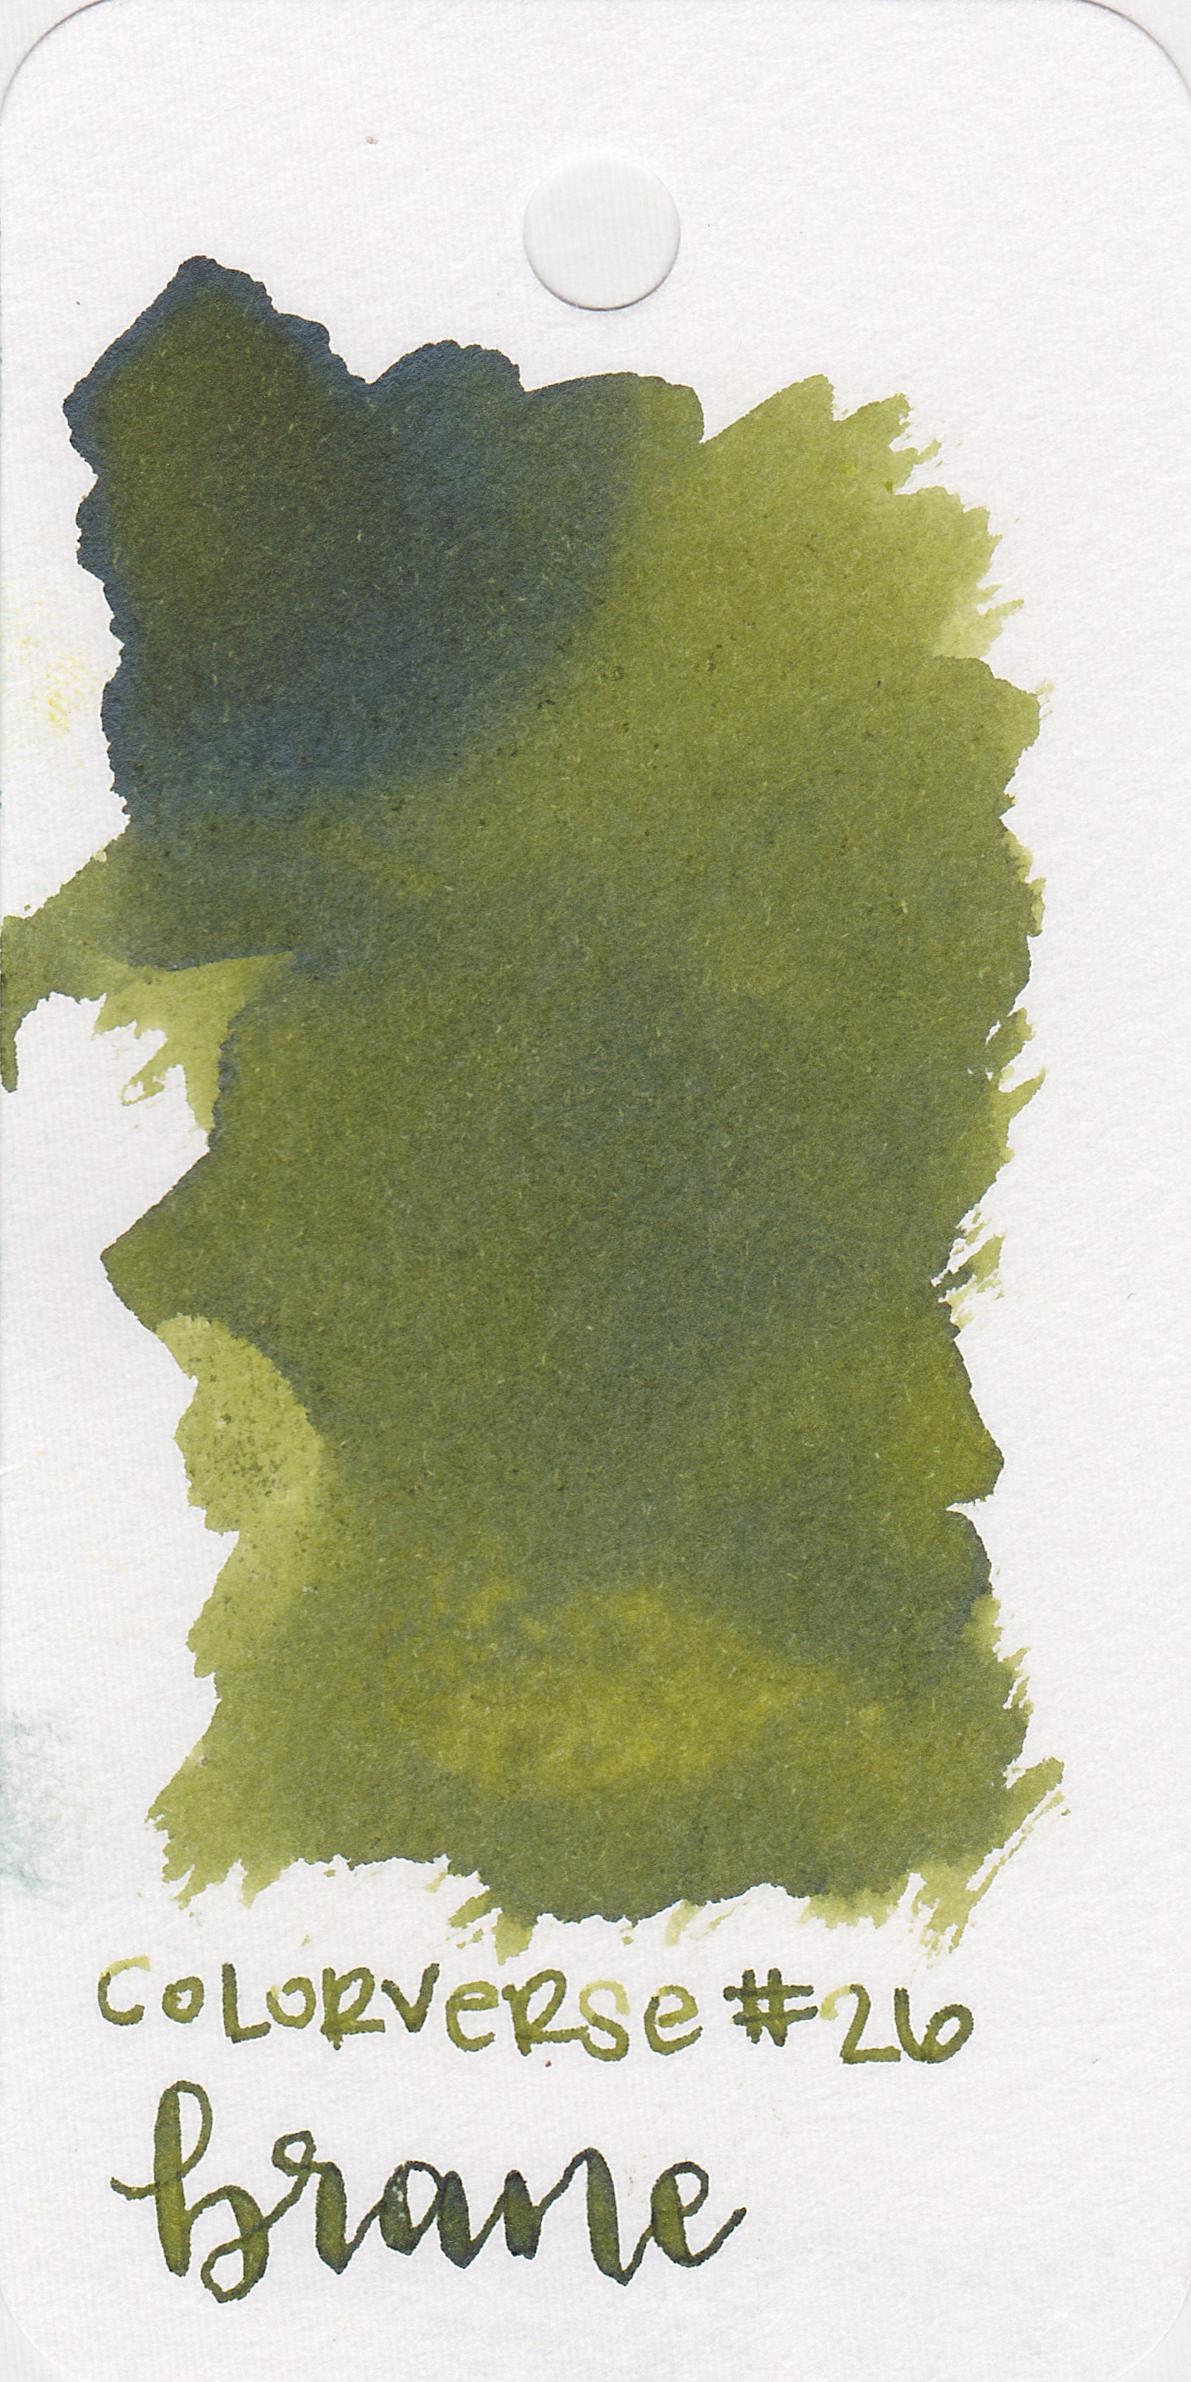 cv-brane-1.jpg